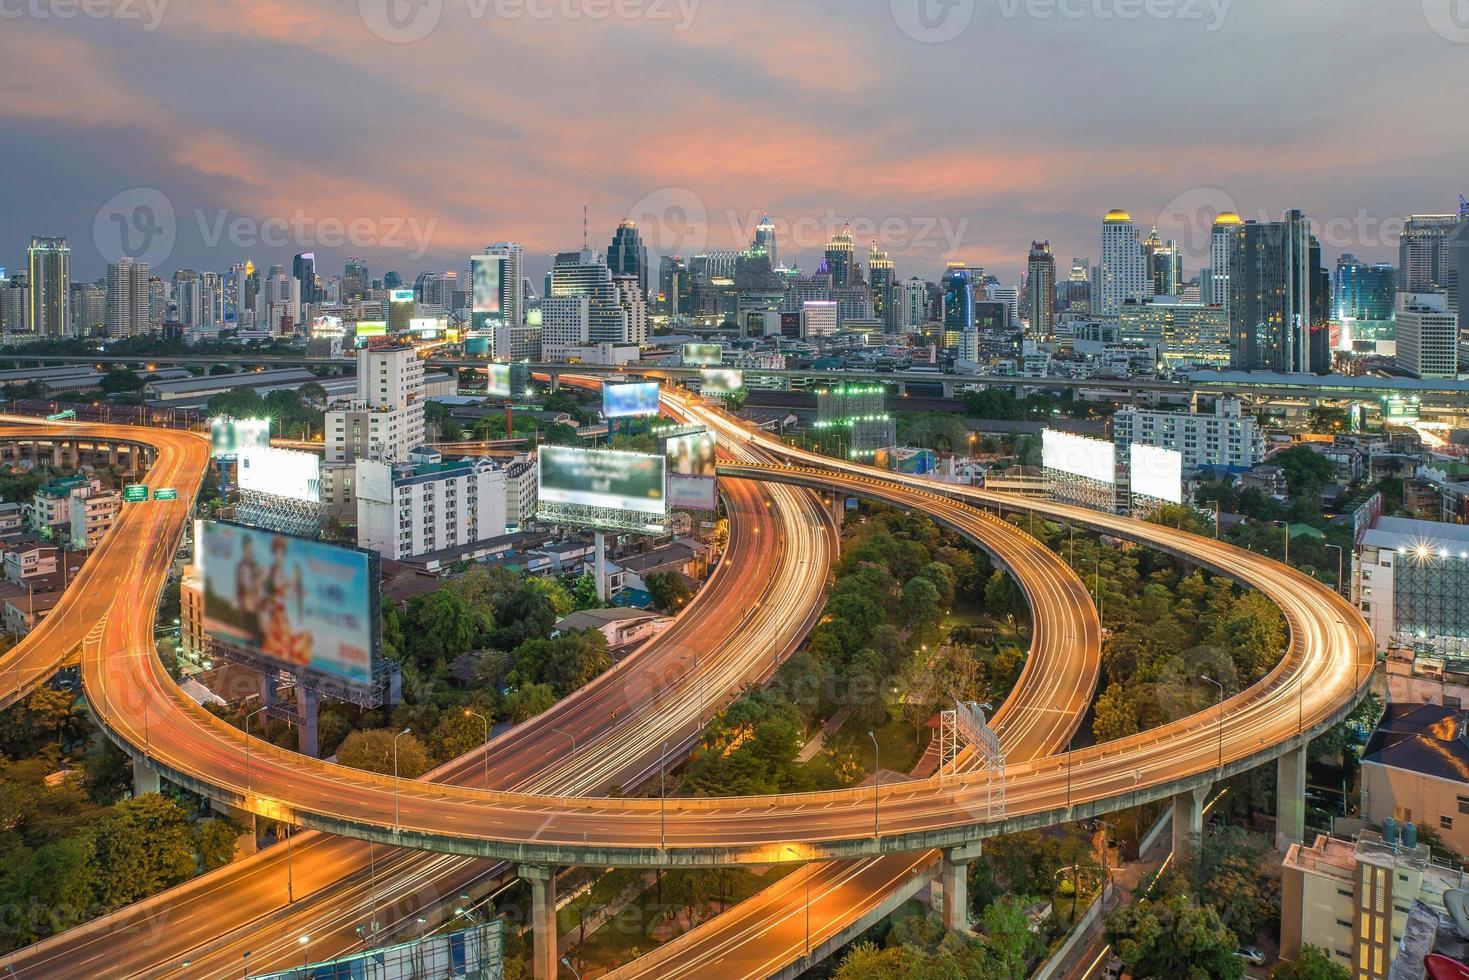 Bangkok autoroute et autoroute vue de dessus, Thaïlande photo